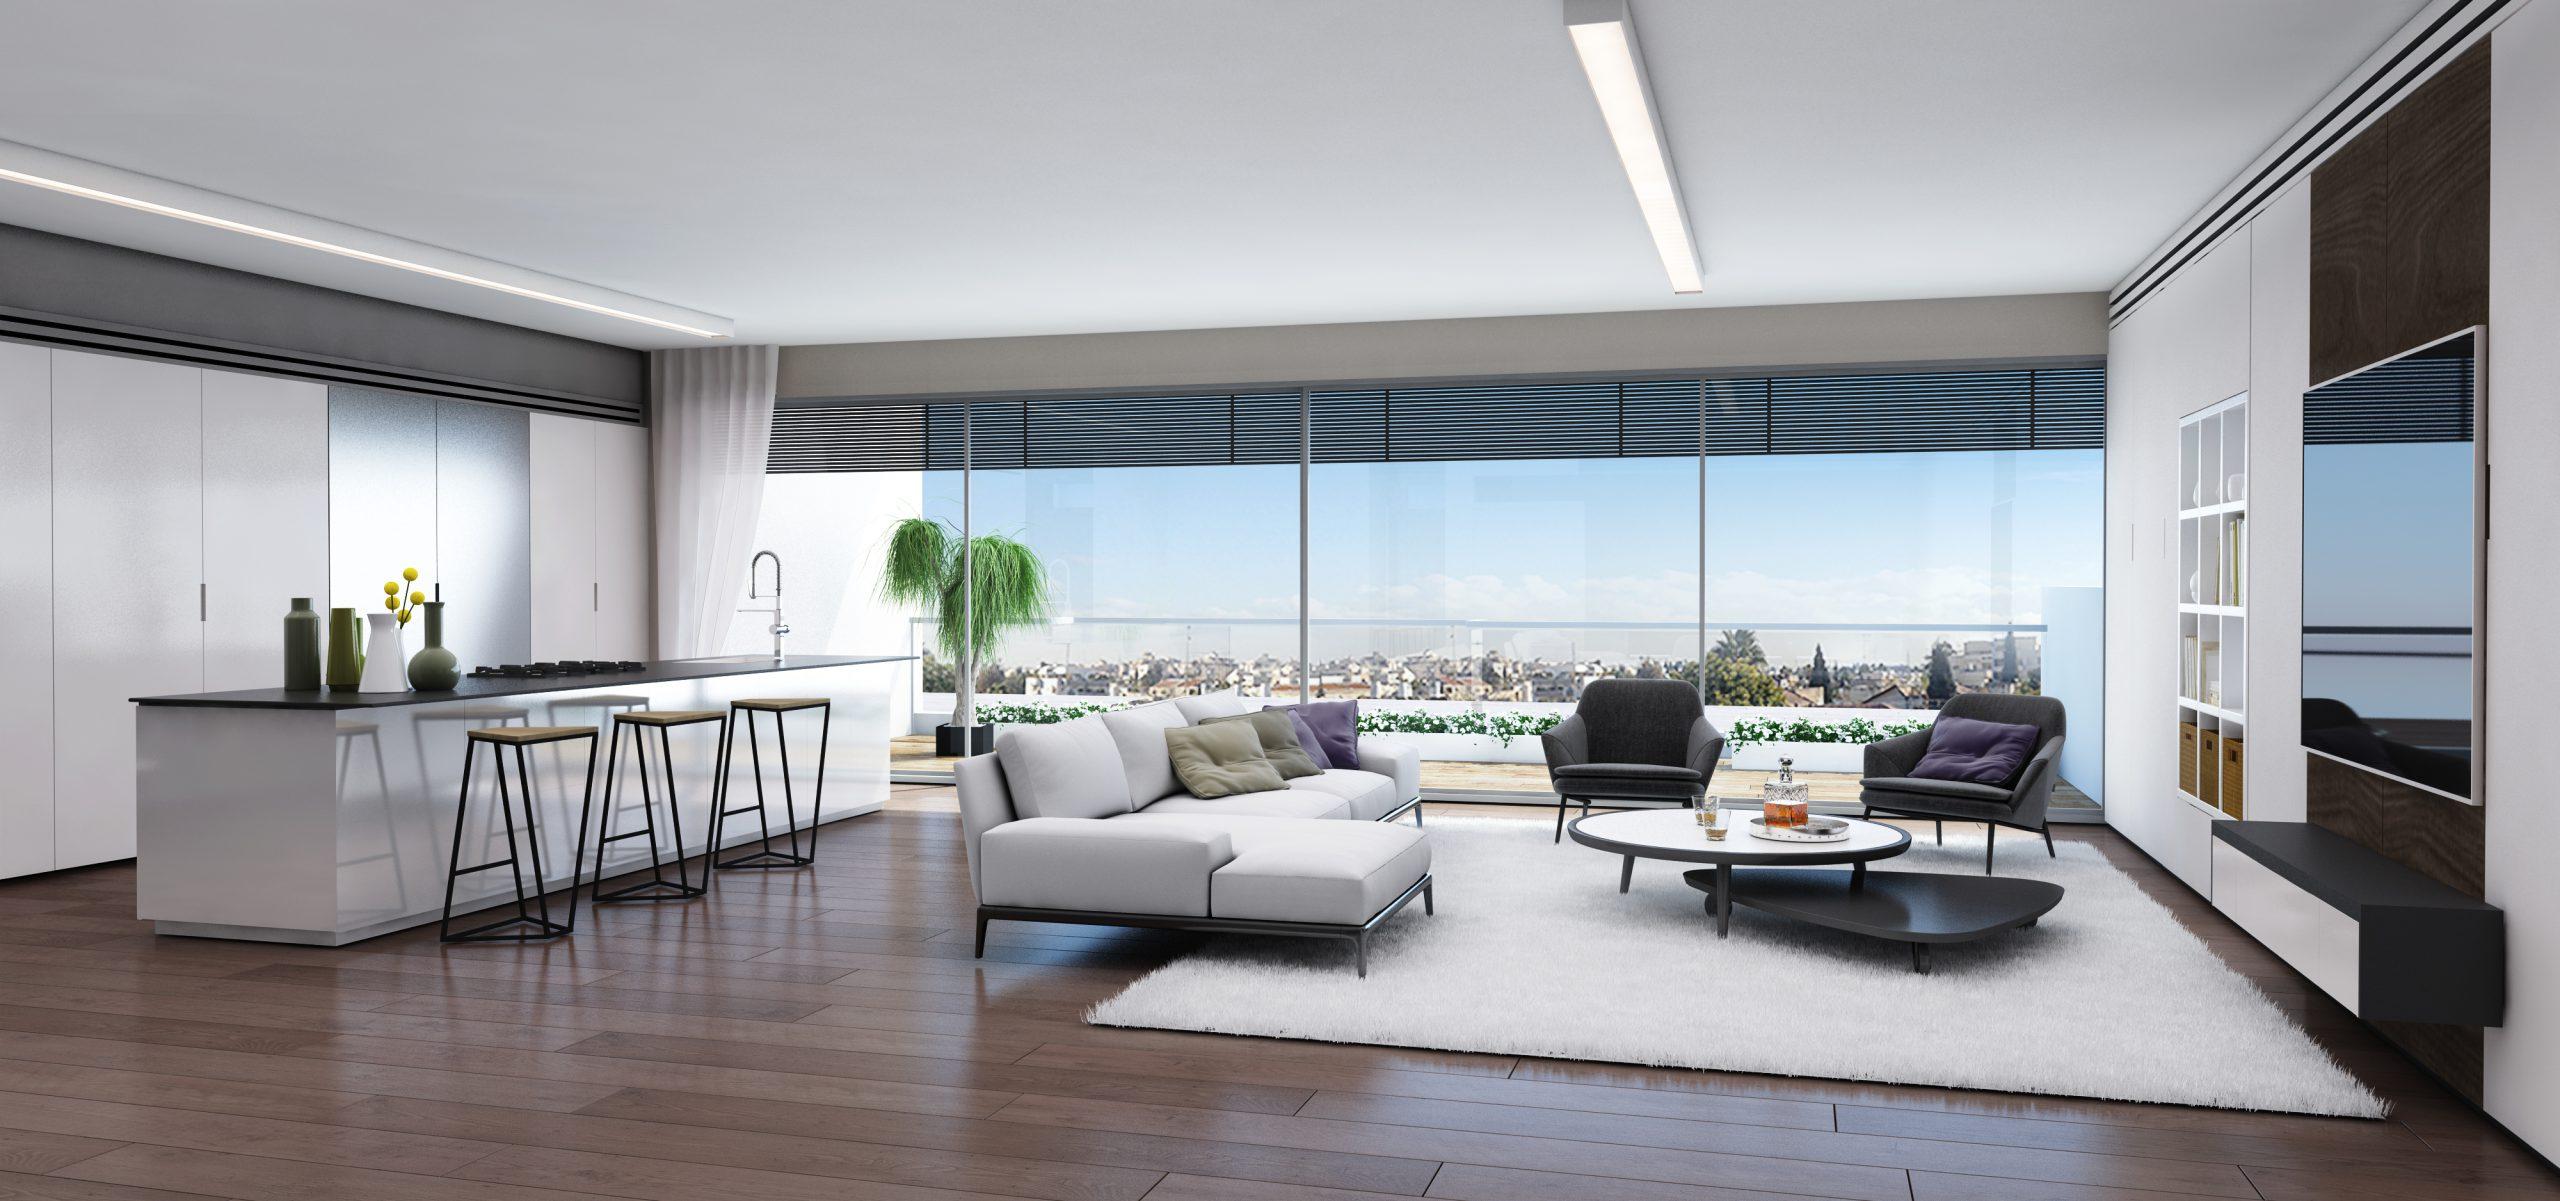 סלון בדירה ברמת אביב למכירה - פרויקט ONE